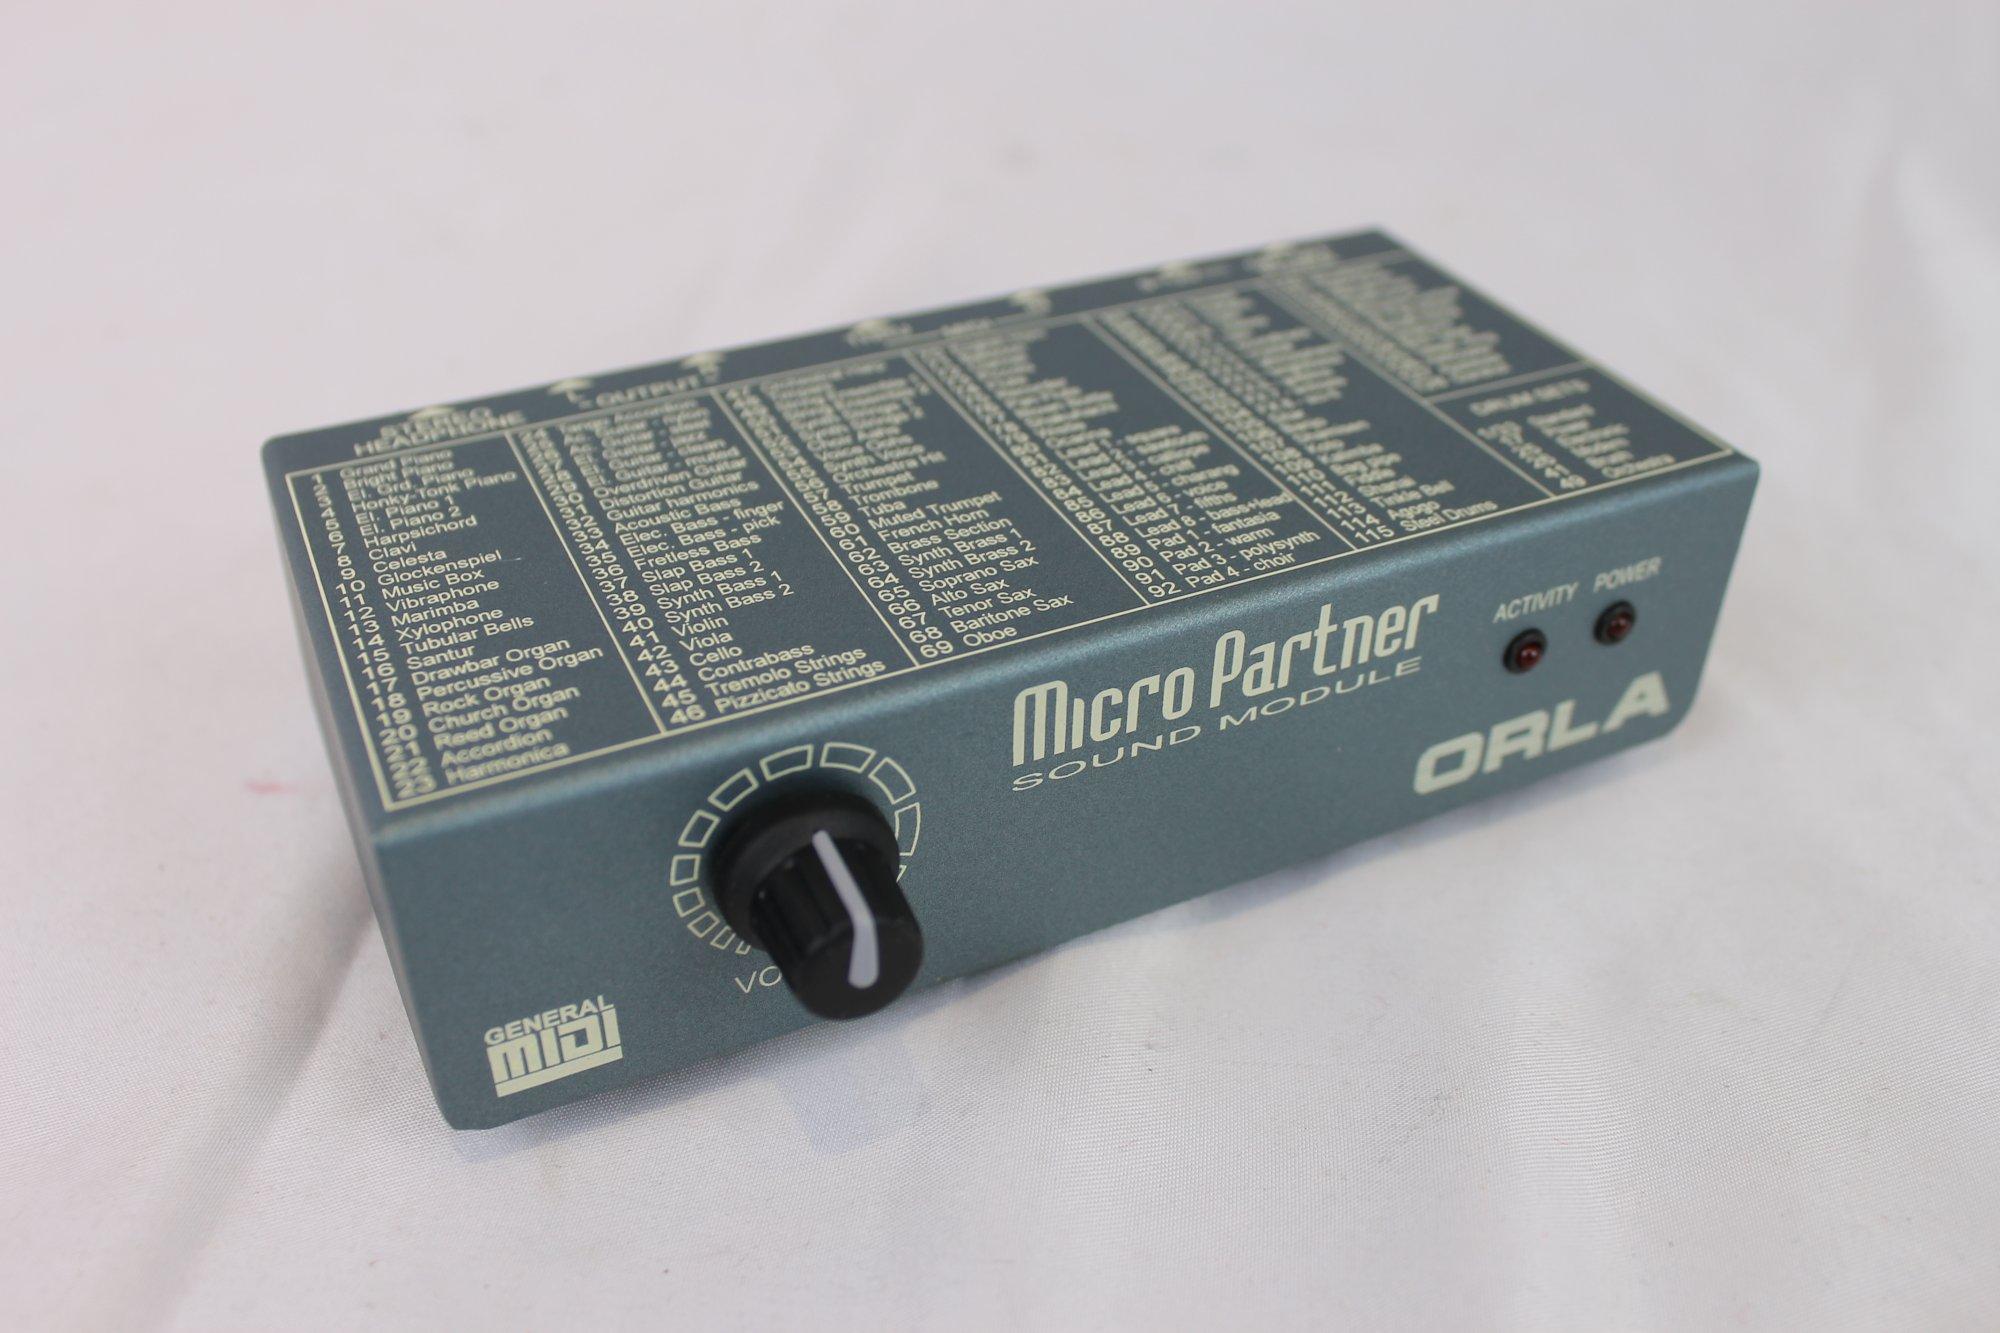 NEW Orla Micro Partner Midi Sound Module